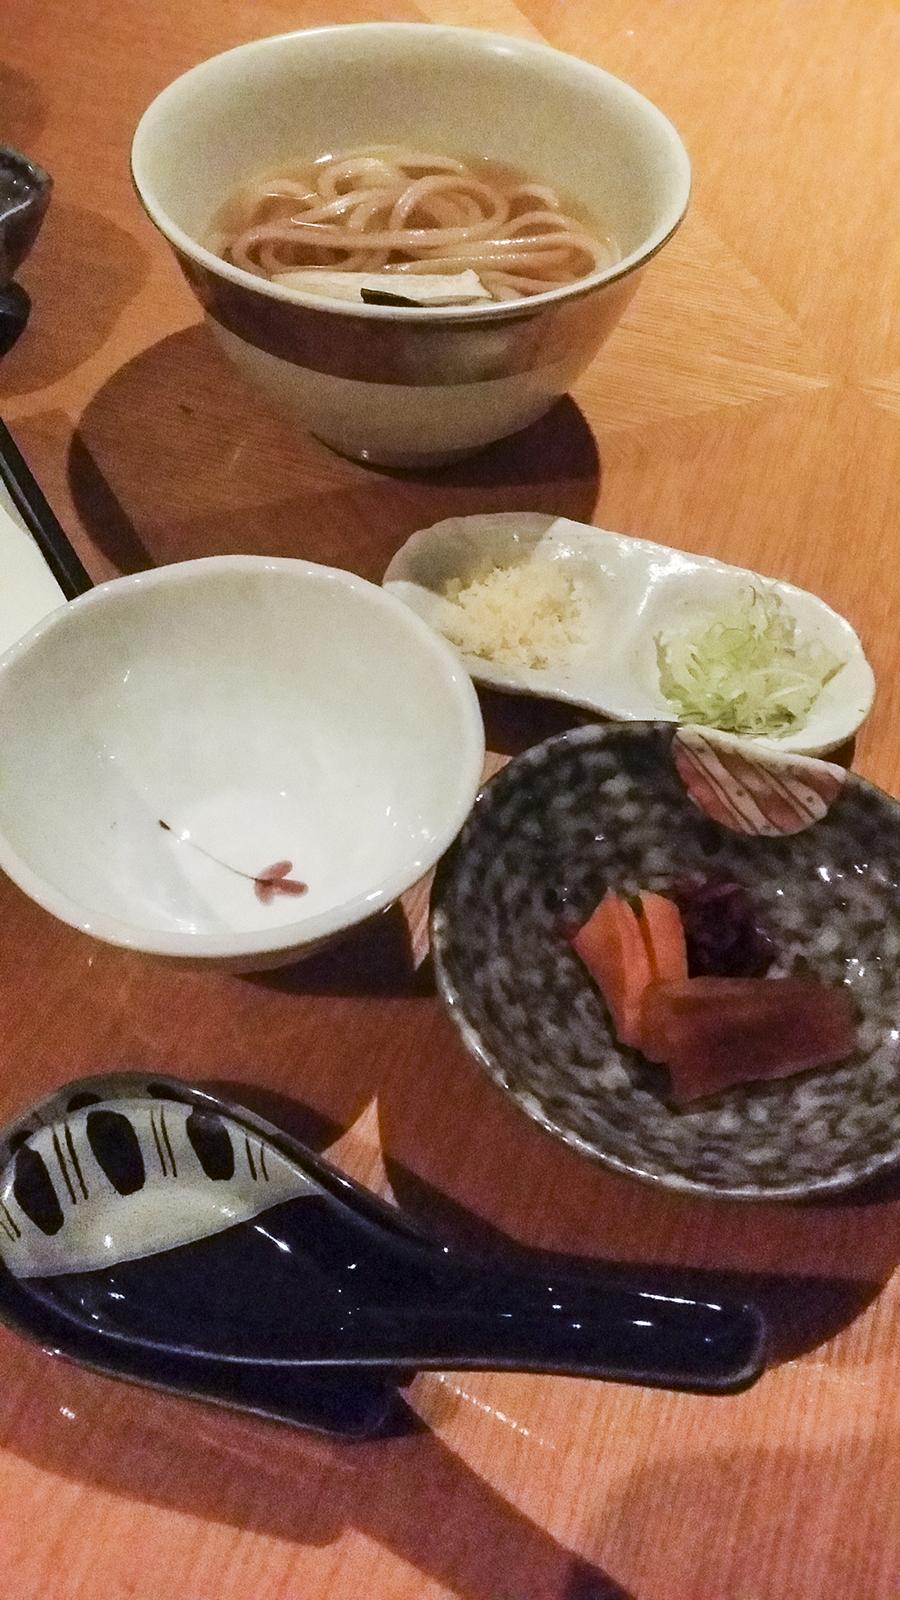 Udon at Momoyama, Lotte Hotel, Myeongdong, Seoul, Korea.